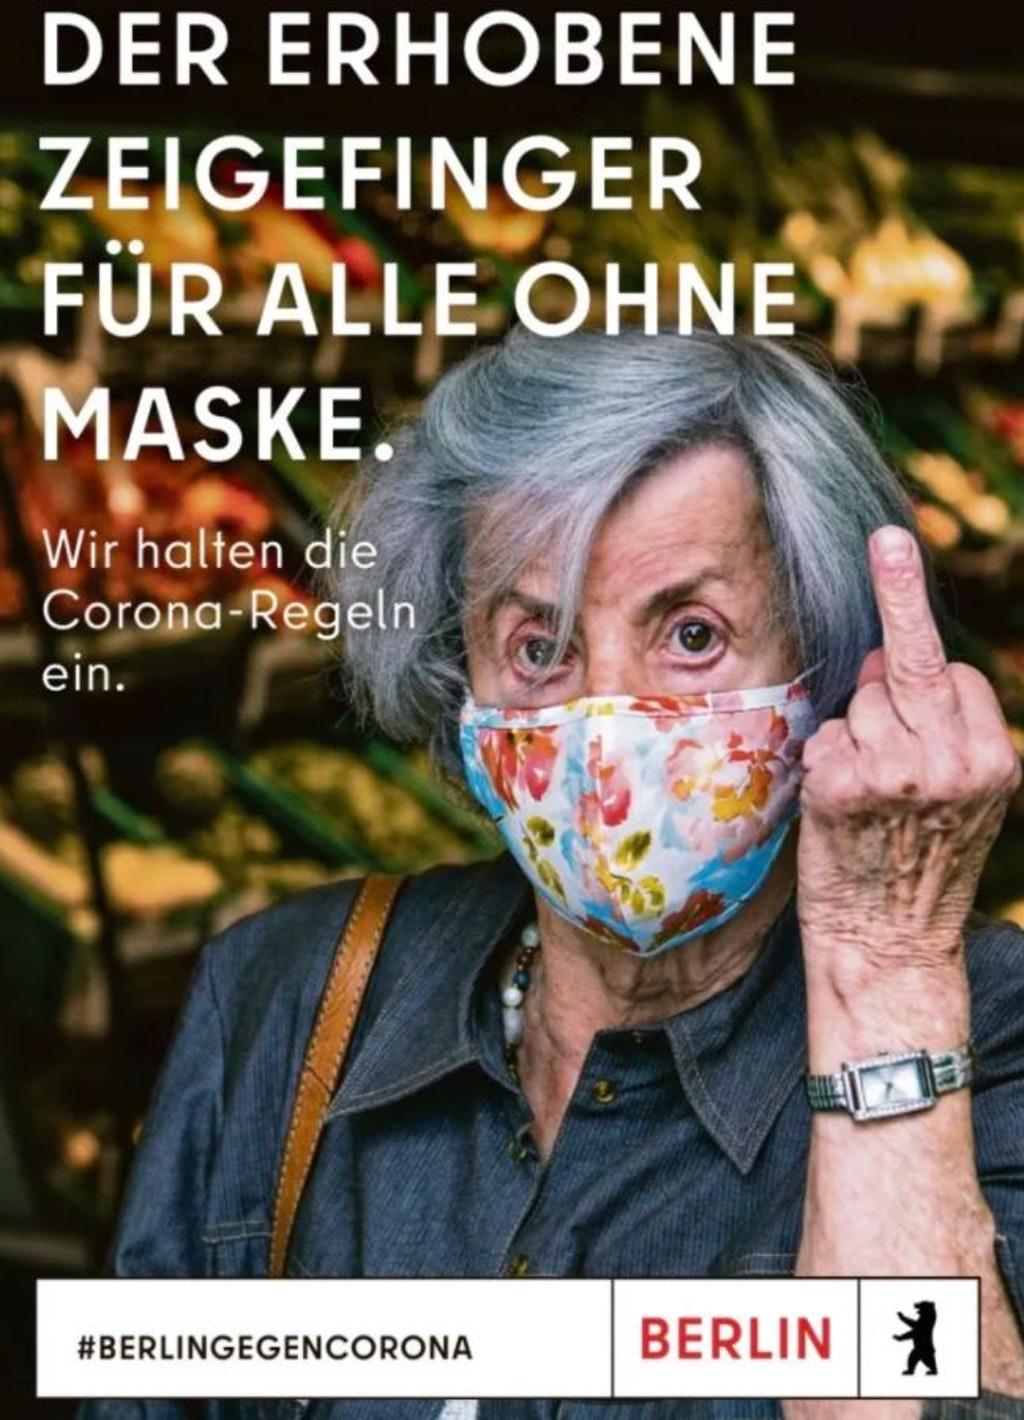 Berlingegencorona : Der erhobene Zeigefinger für alle ohne maske